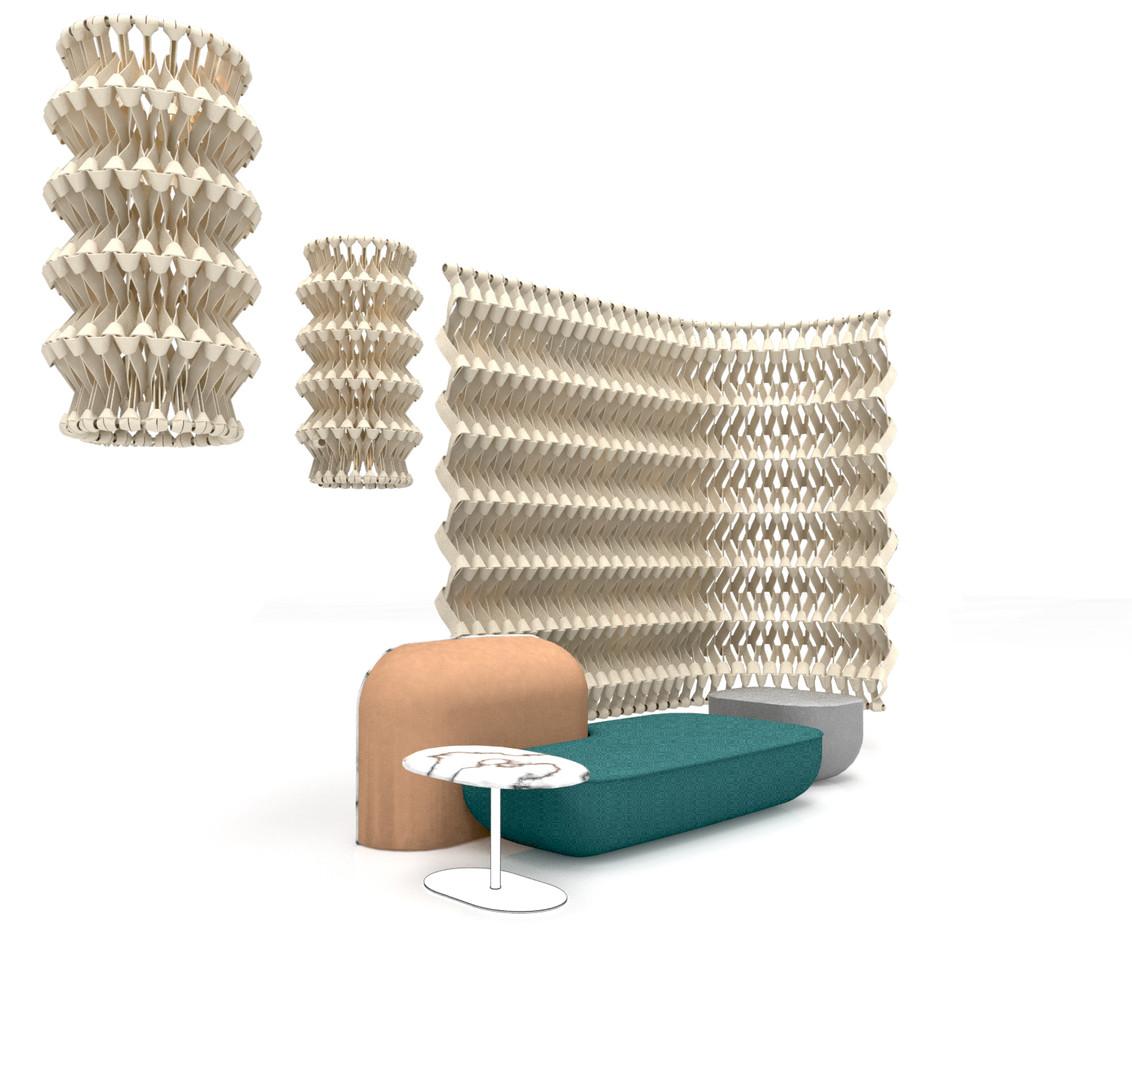 PLECTERE acoustic textiles inspiration 2